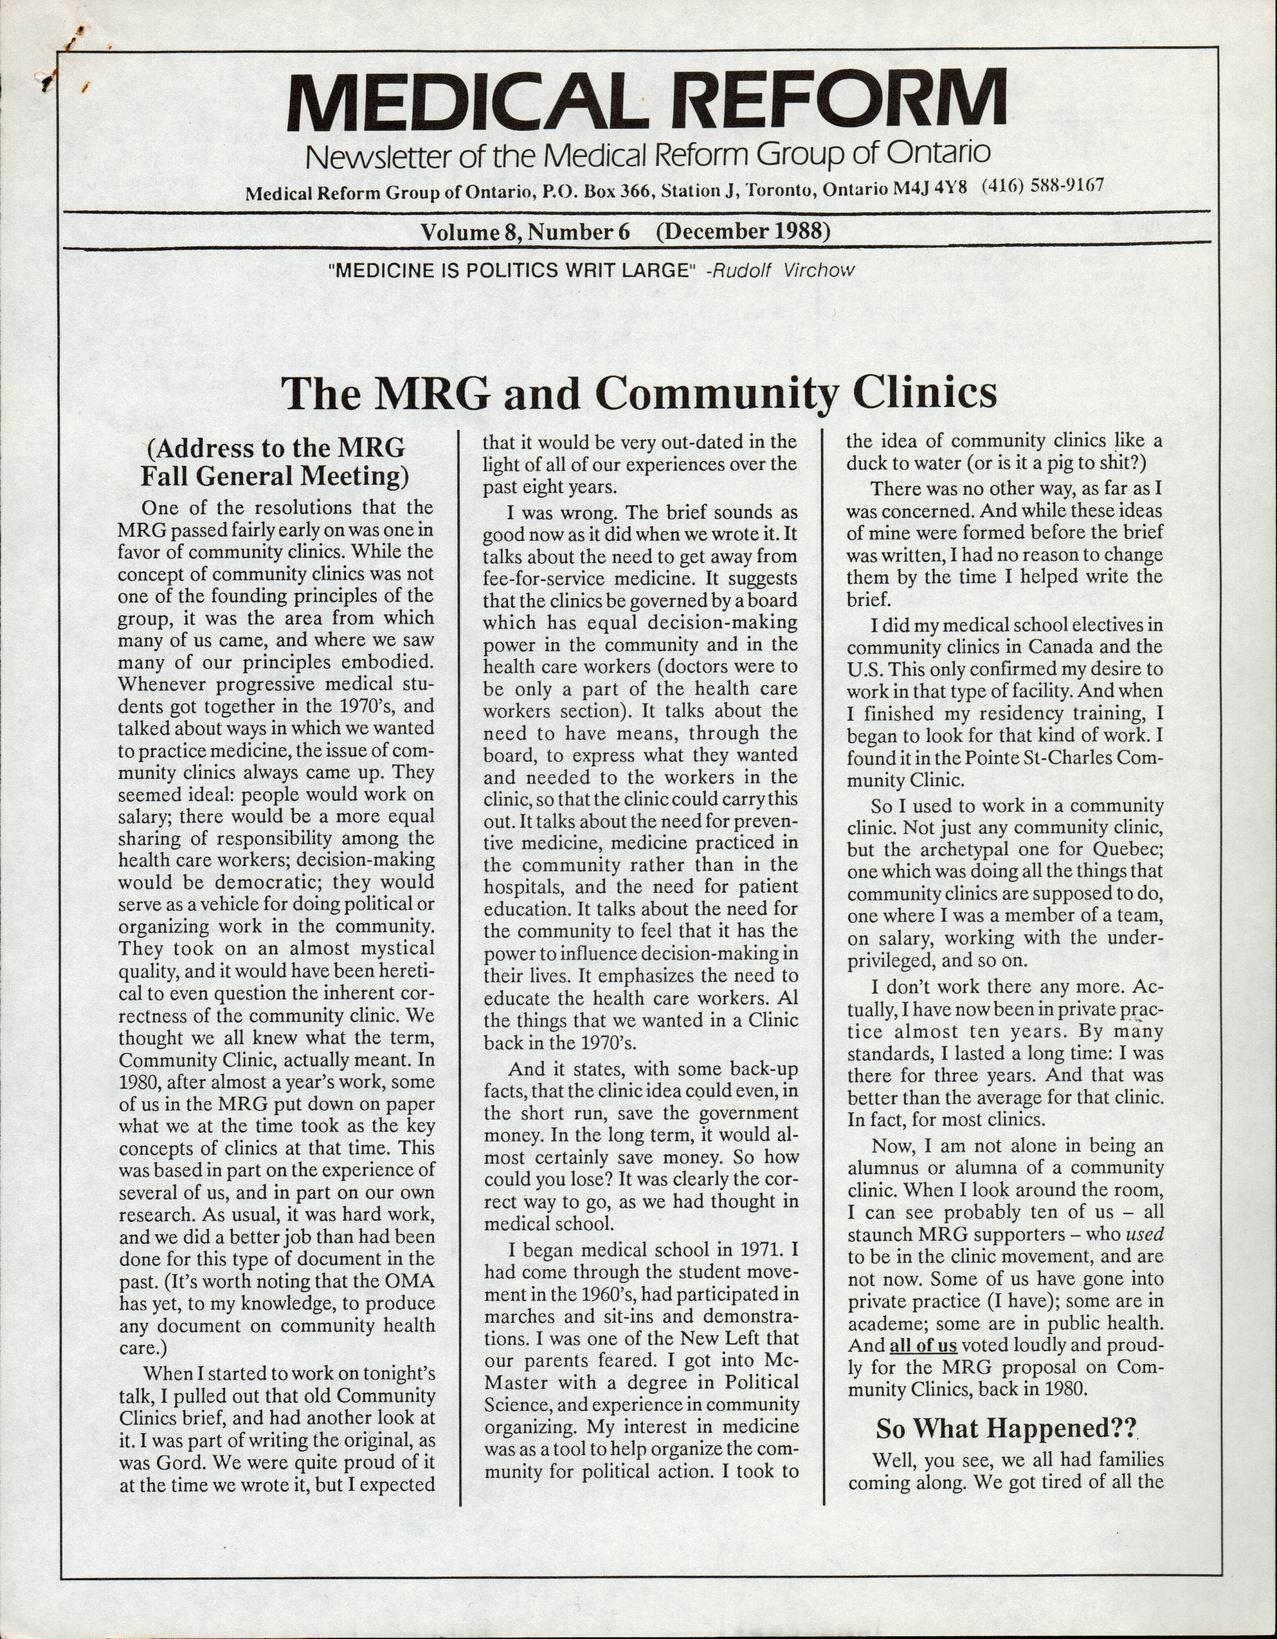 Medical Reform Newsletter December 1988